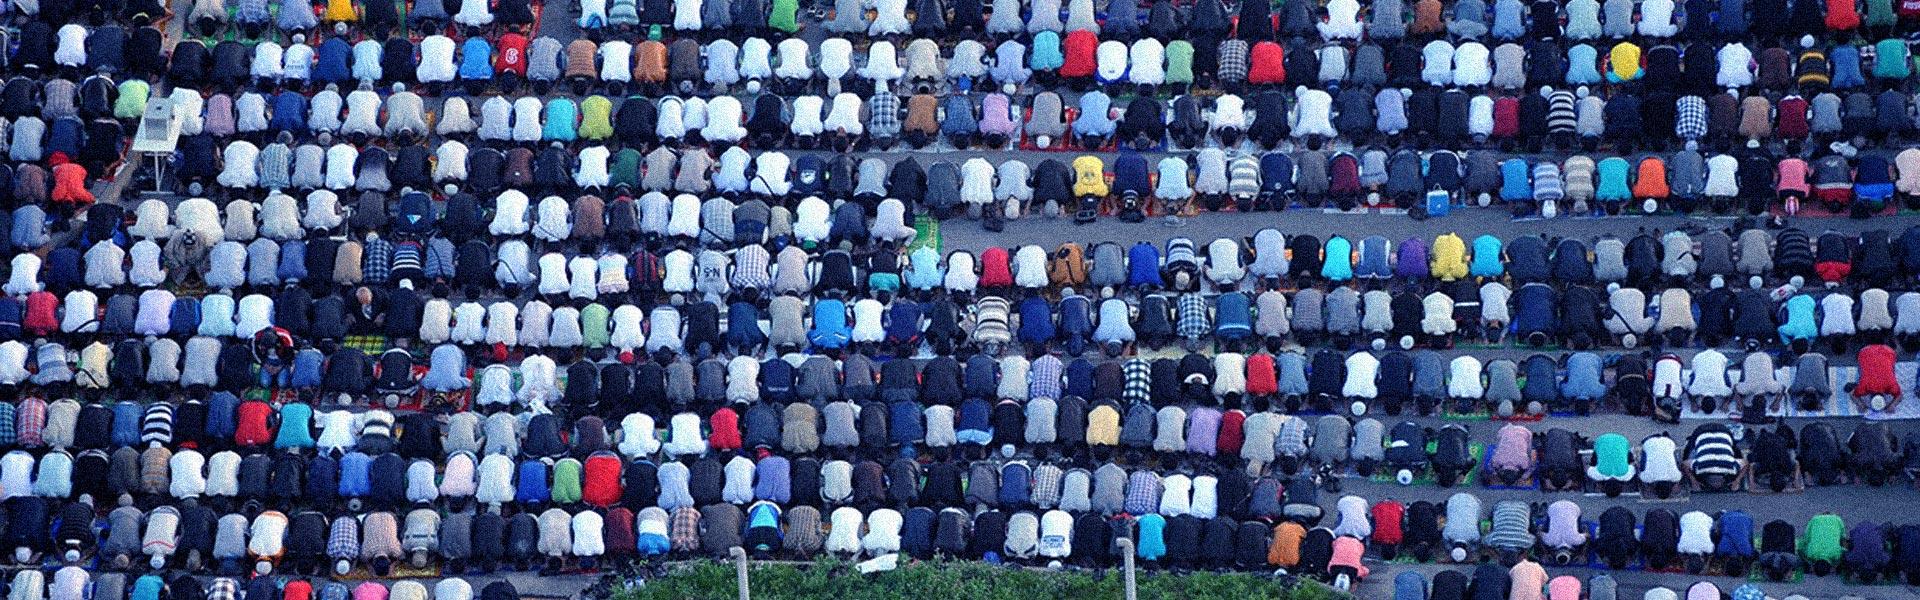 Демография и миграция: либеральный миф